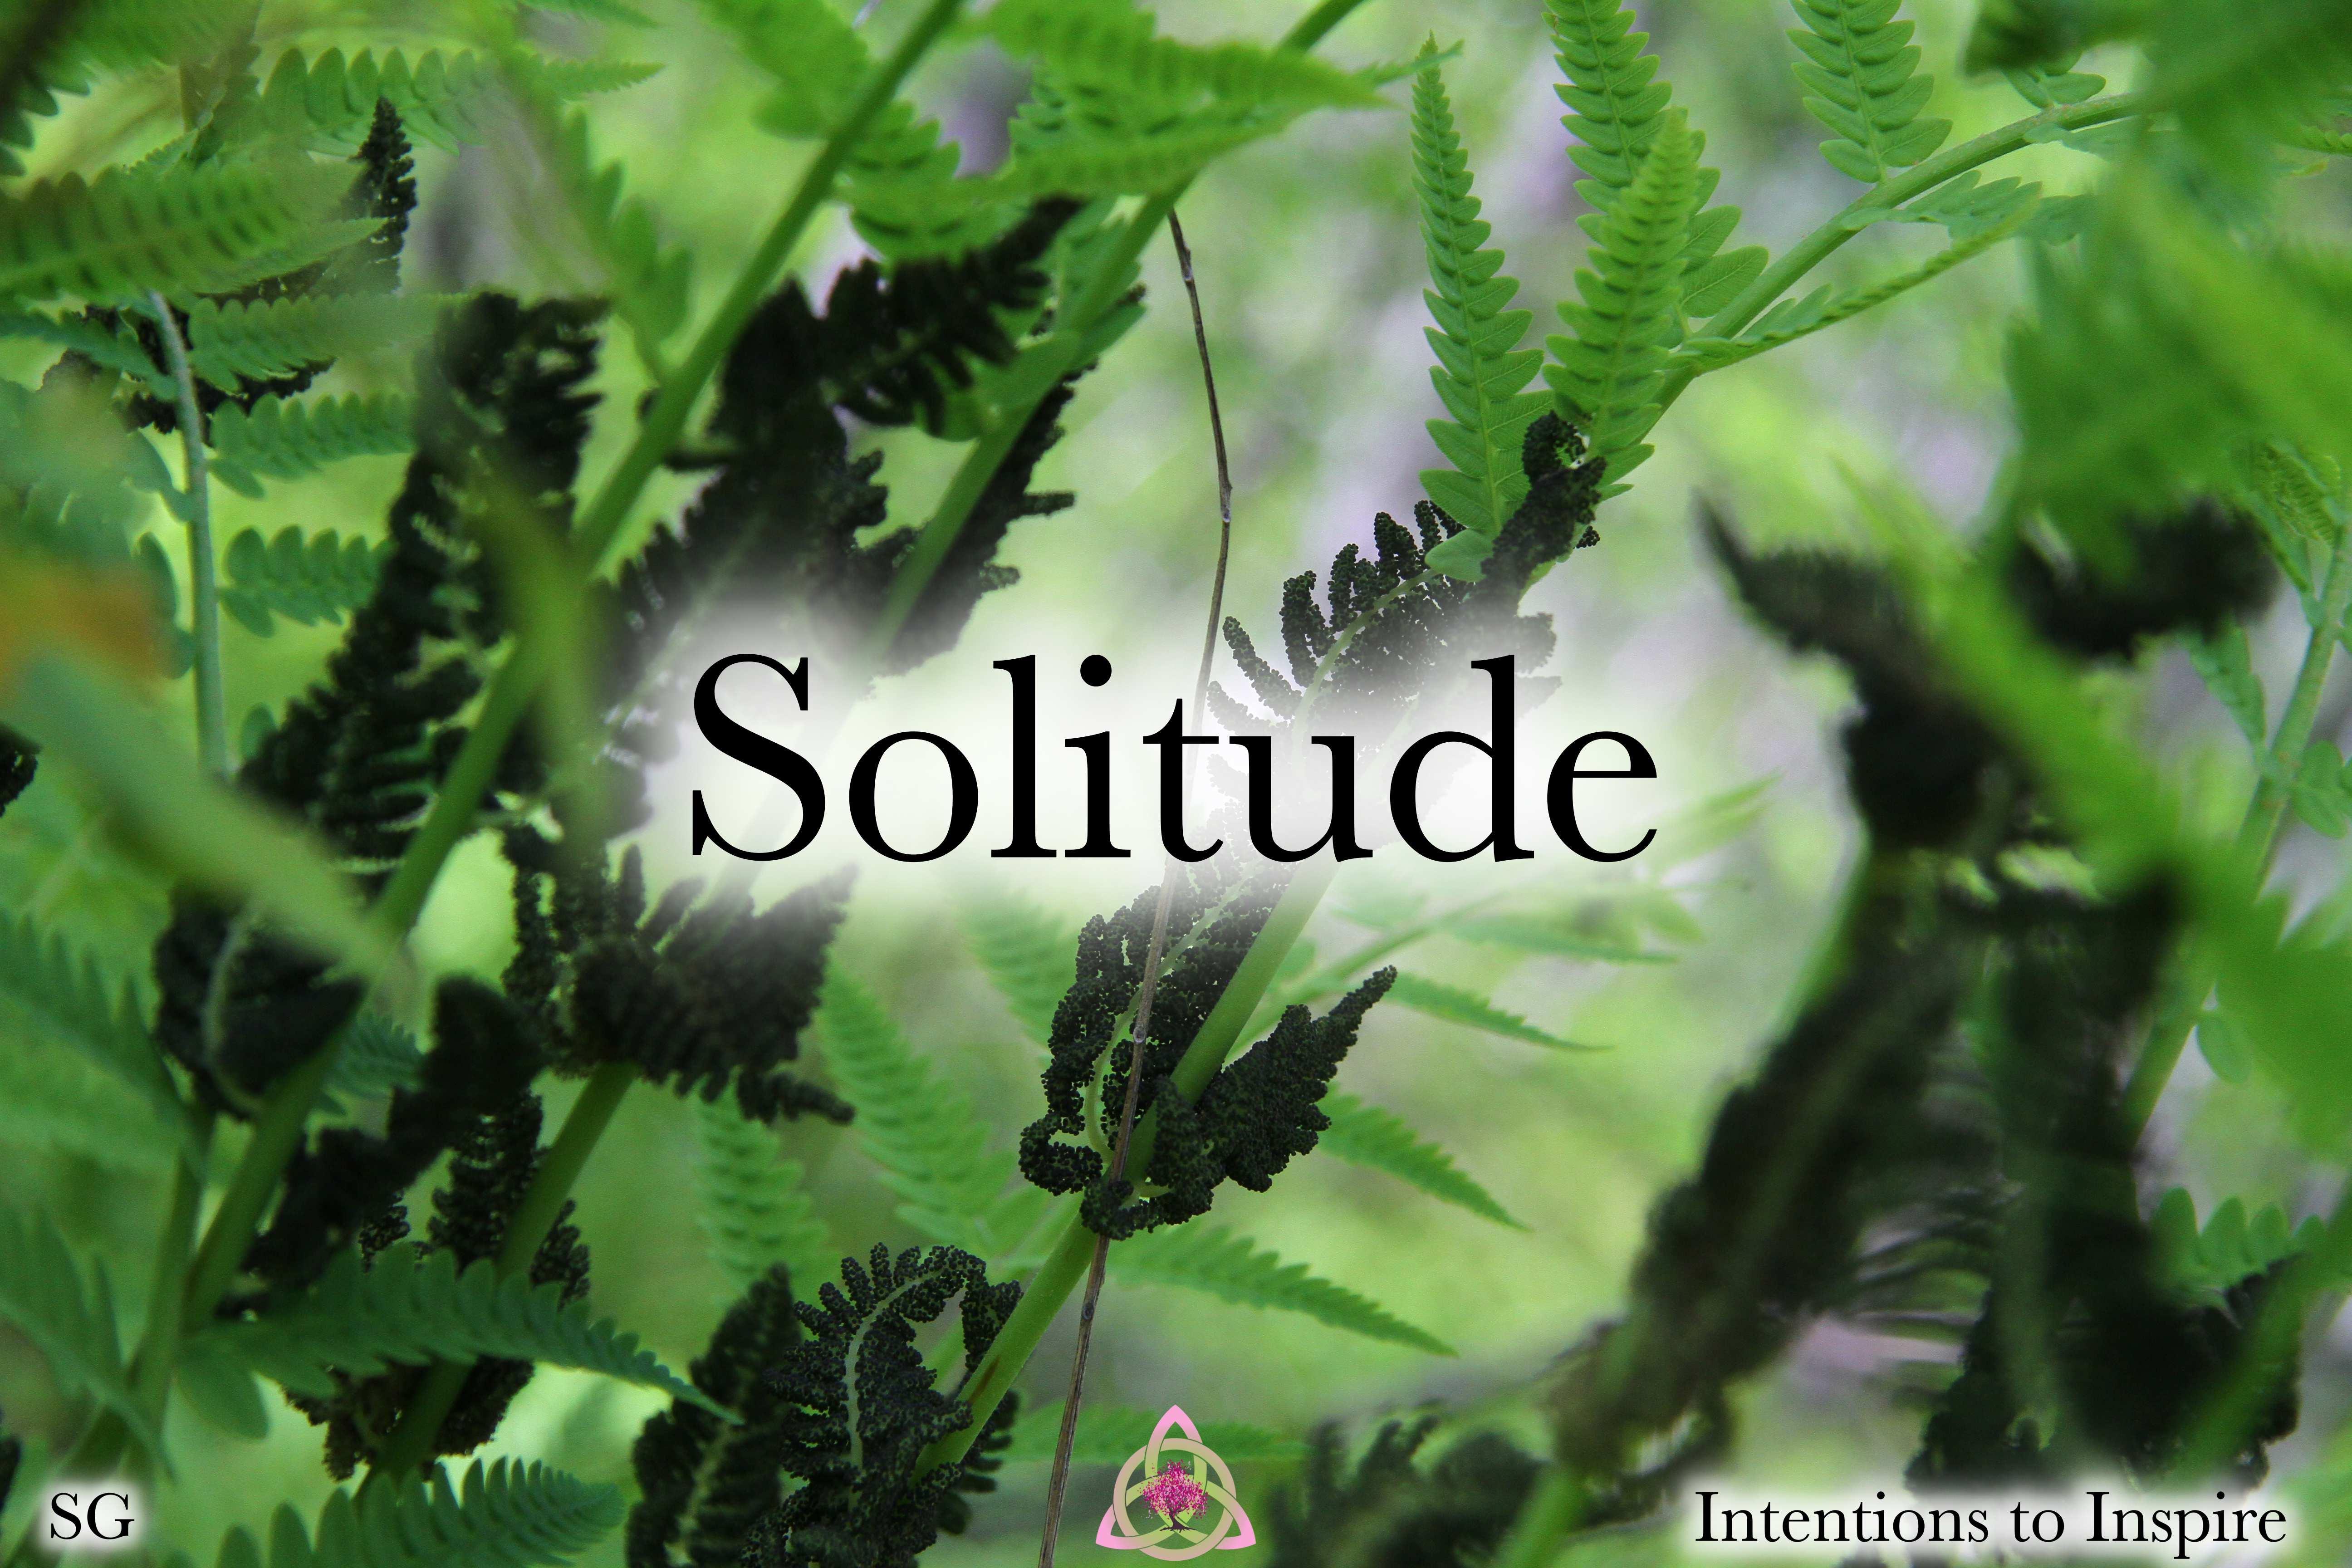 306-44-5-Solitude-SG 2